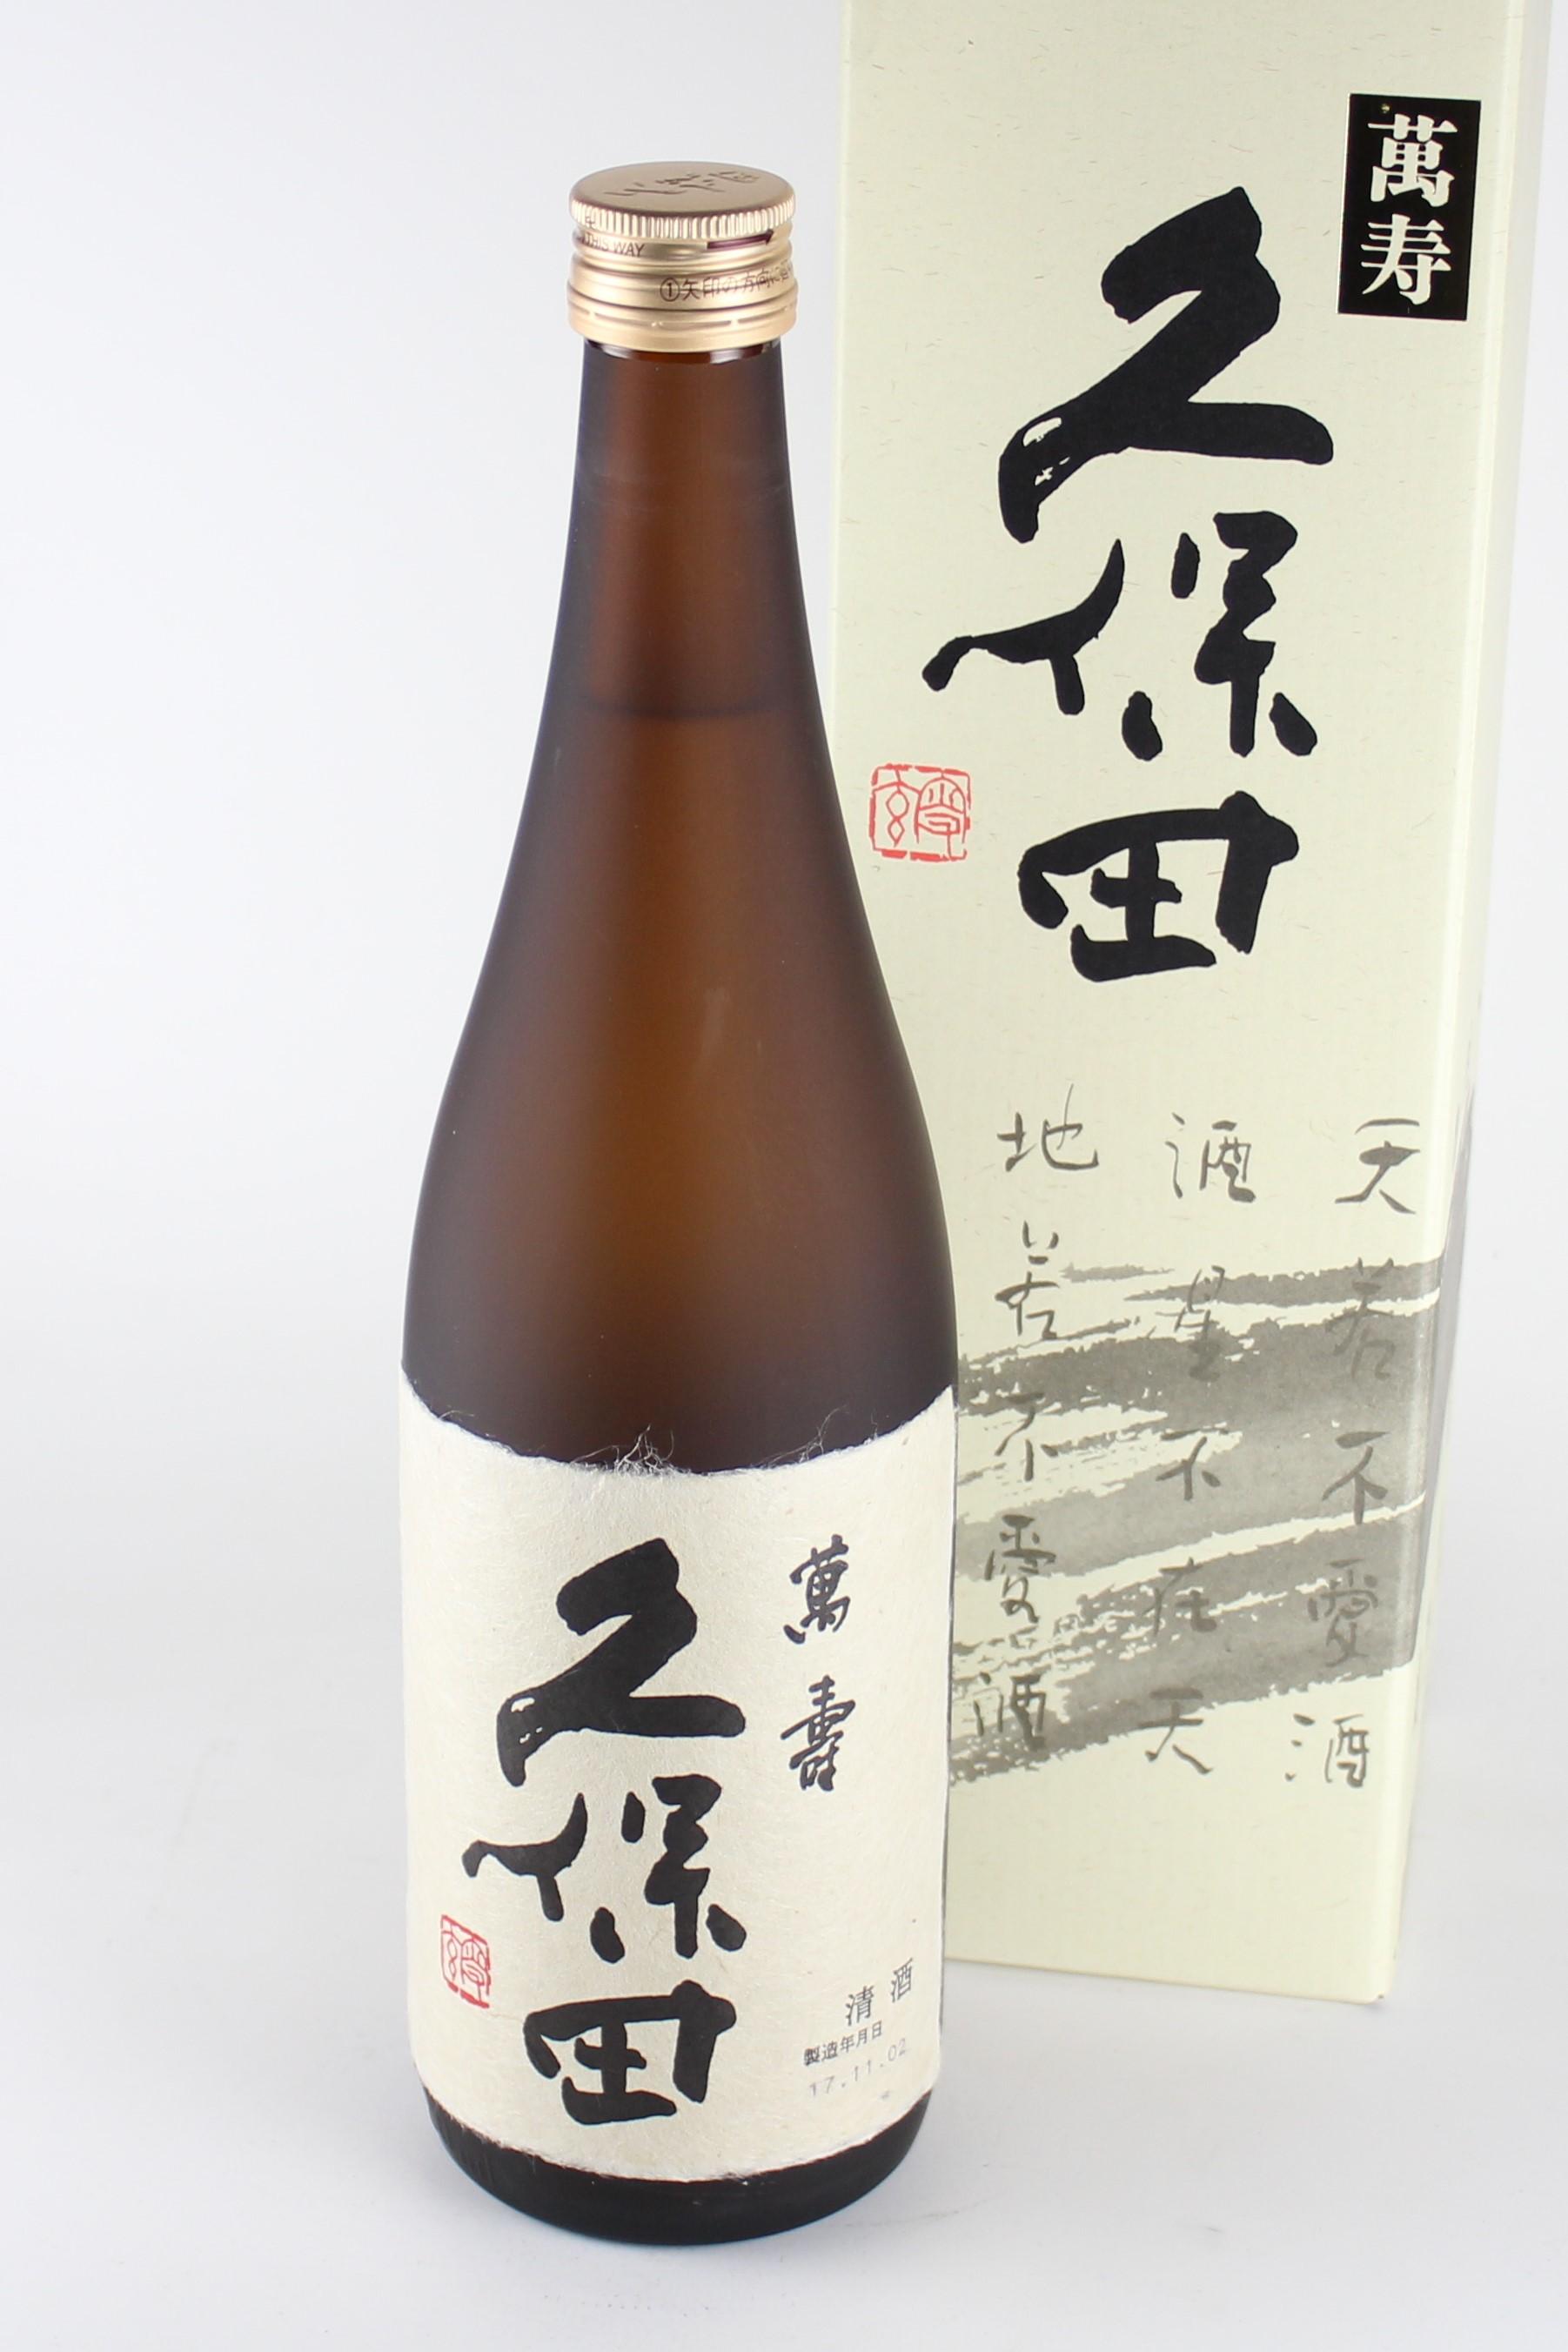 久保田 萬寿 純米大吟醸 720ml 【新潟/朝日酒造】